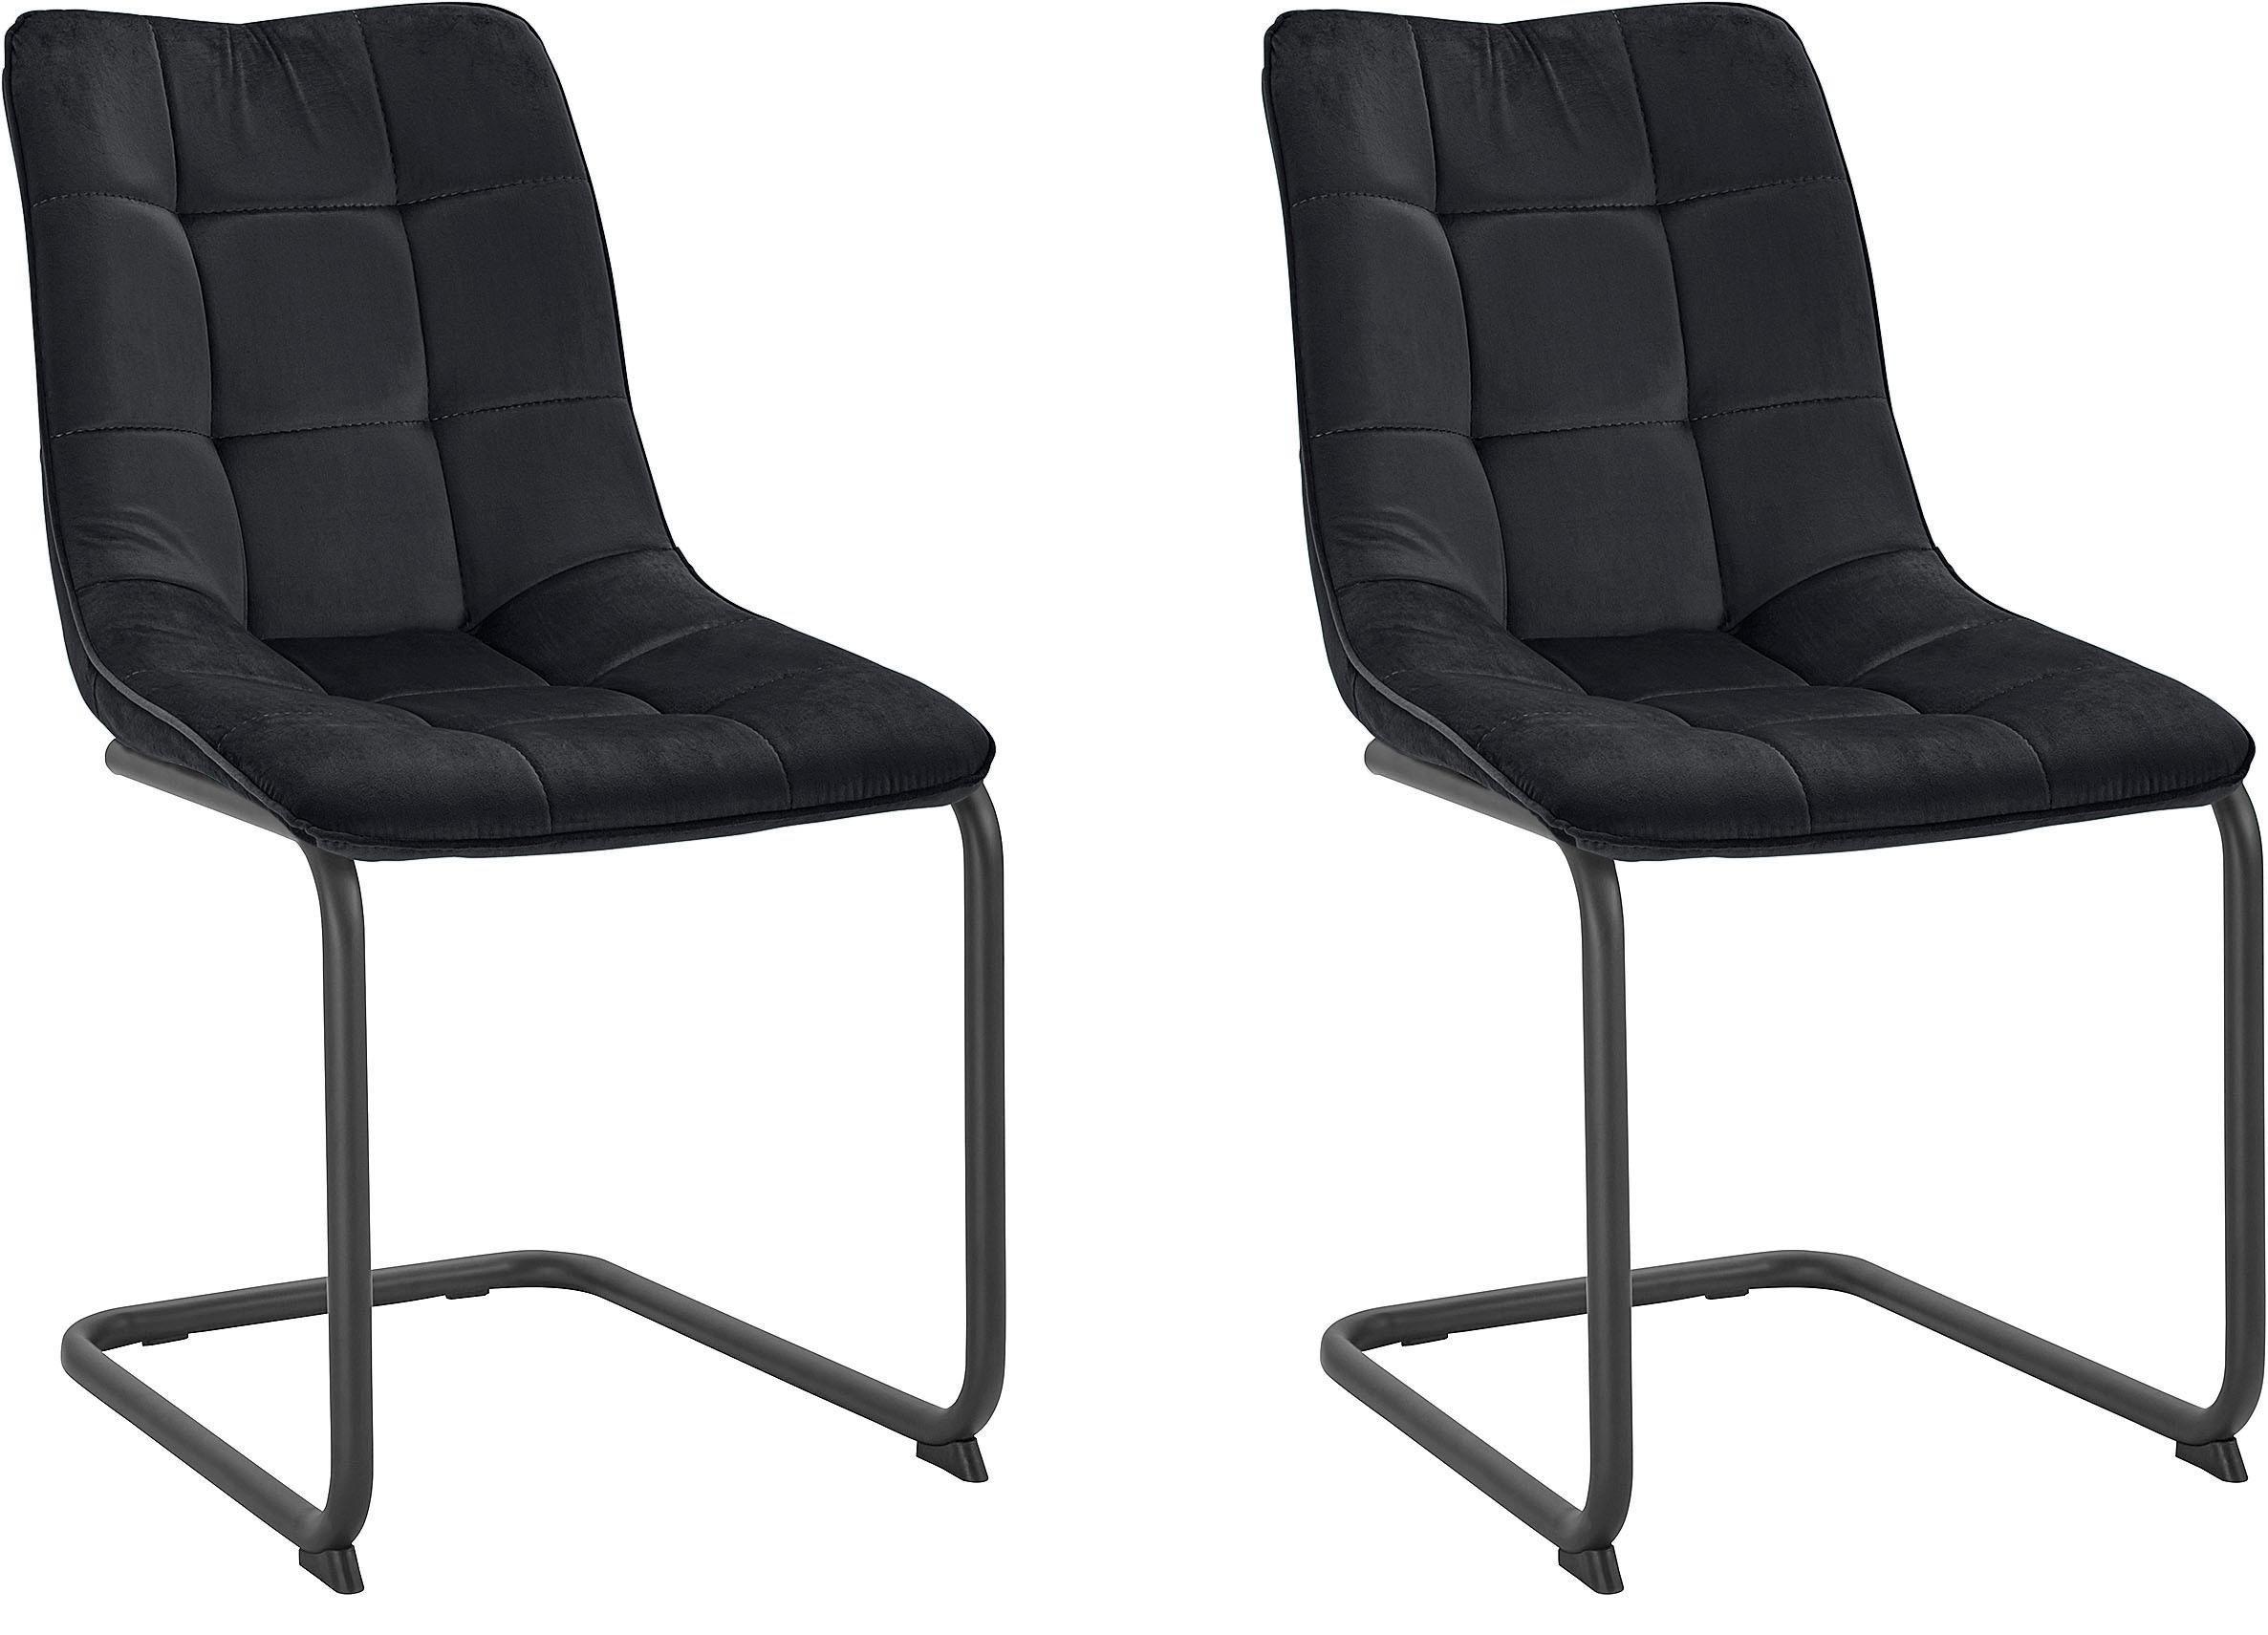 Hela Vrijdragende stoel »JENNY 1 S« (set van 2 of 4) bestellen: 30 dagen bedenktijd